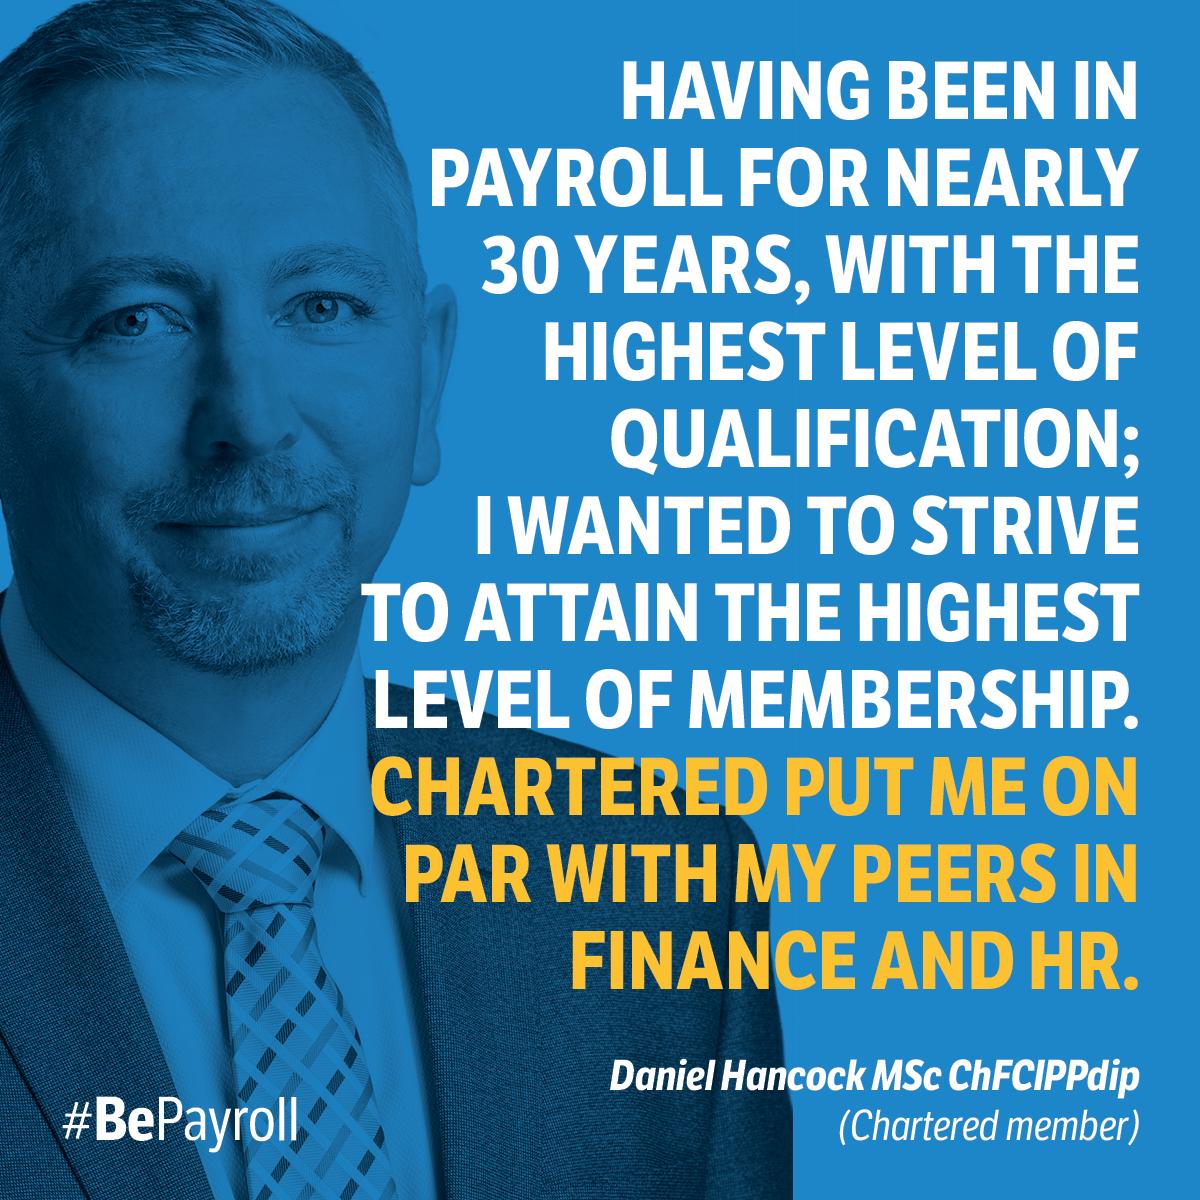 19.12.12 Be Payroll Social Quotes - Daniel Hancock (Dec 2019).png